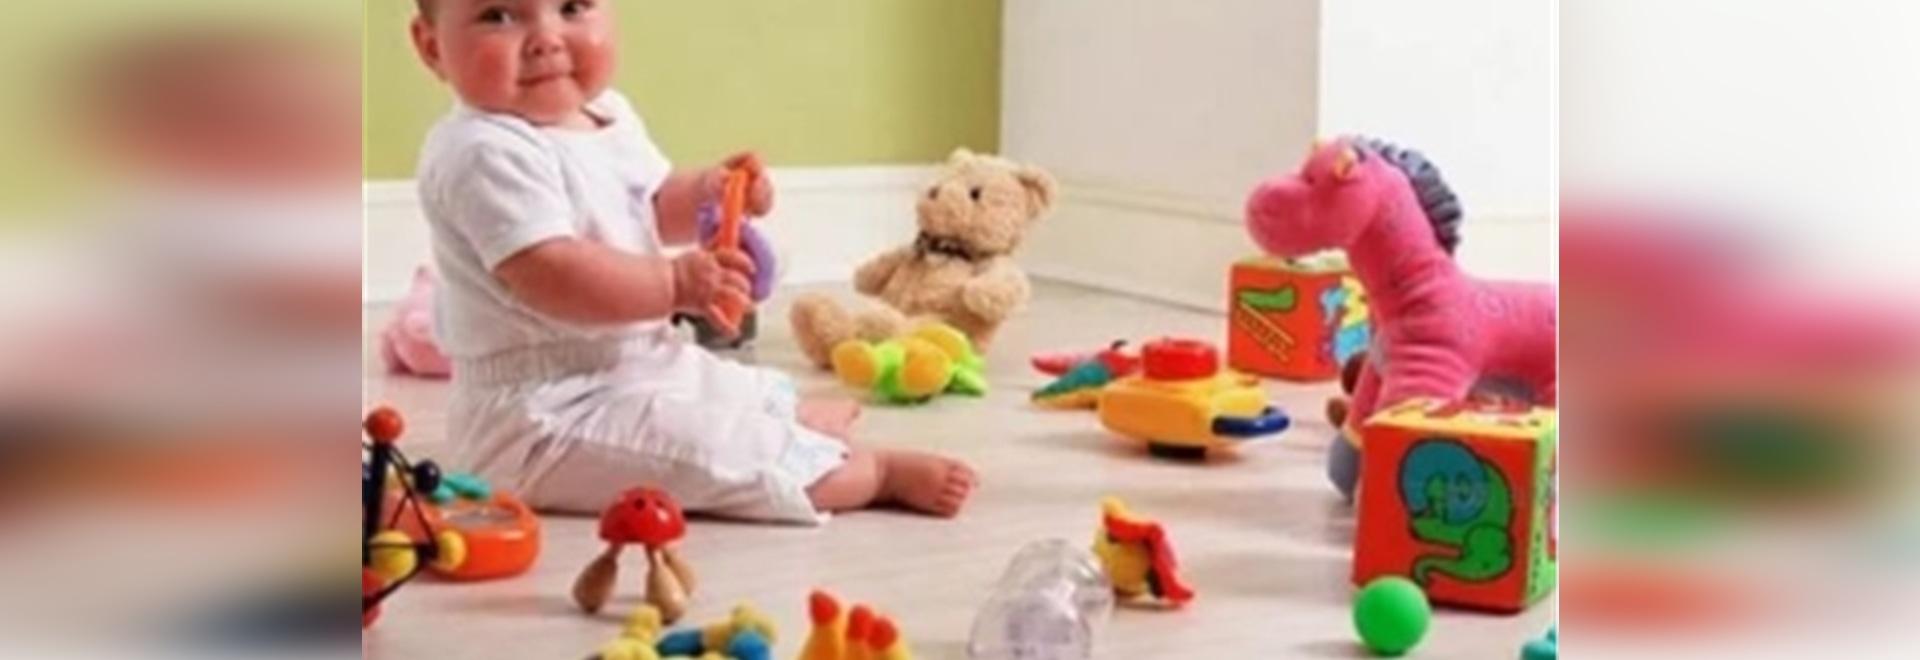 Cromo (VI) nei giocattoli